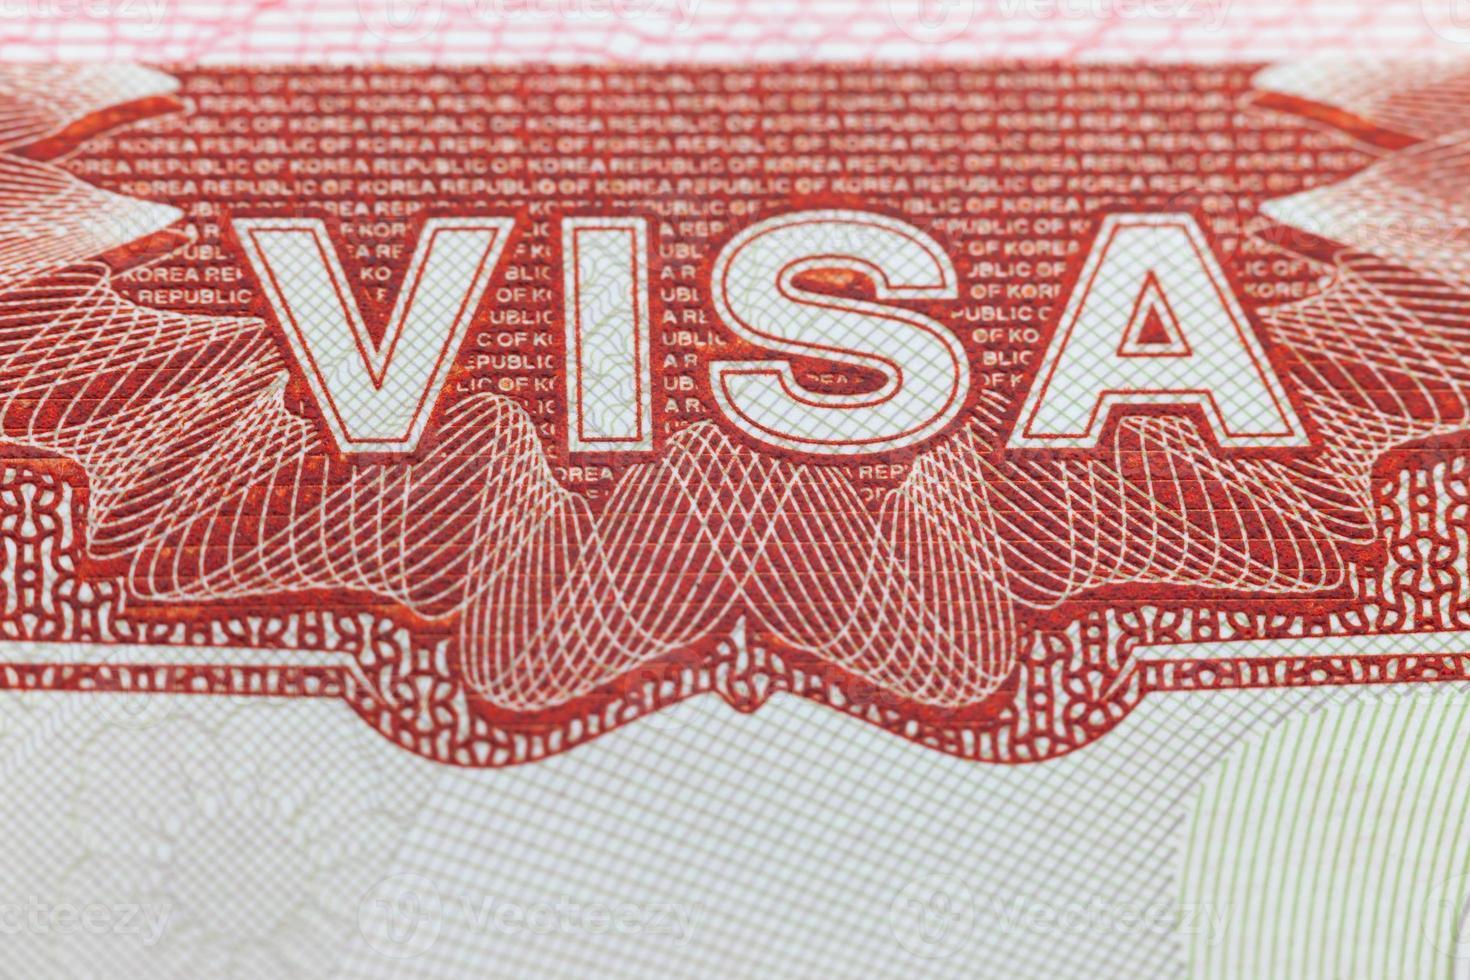 visto straniero in una pagina del passaporto - goditi lo sfondo del viaggio foto